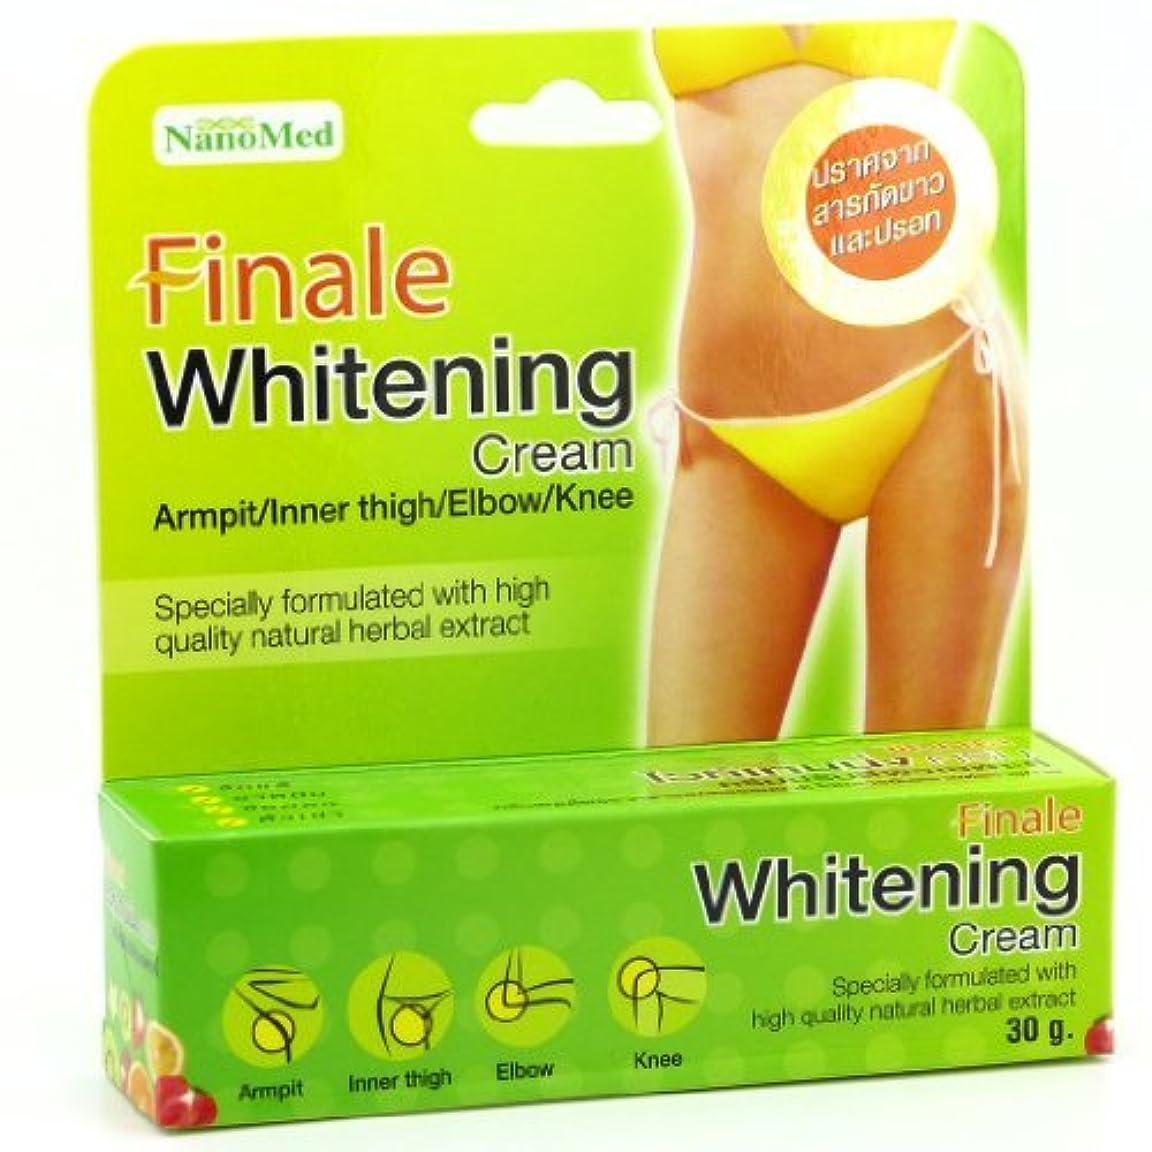 思春期の文法肥沃な?????????????????? Finale Whitening Cream 30g